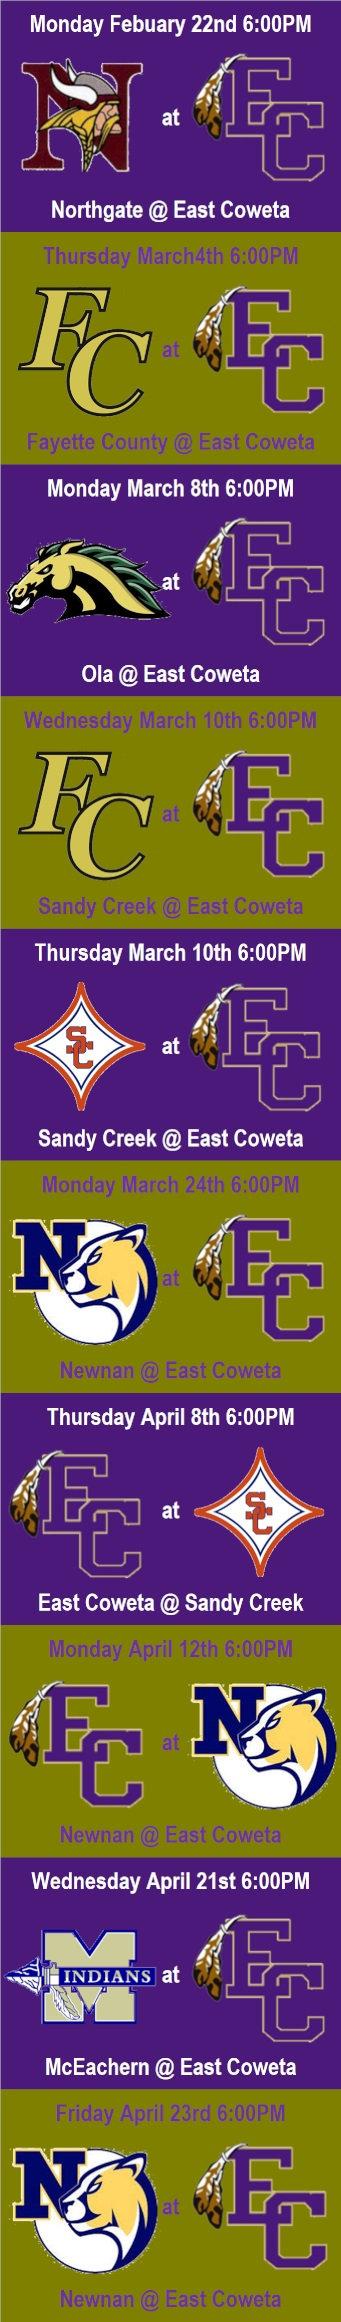 East Coweta Baseball schedule.jpg